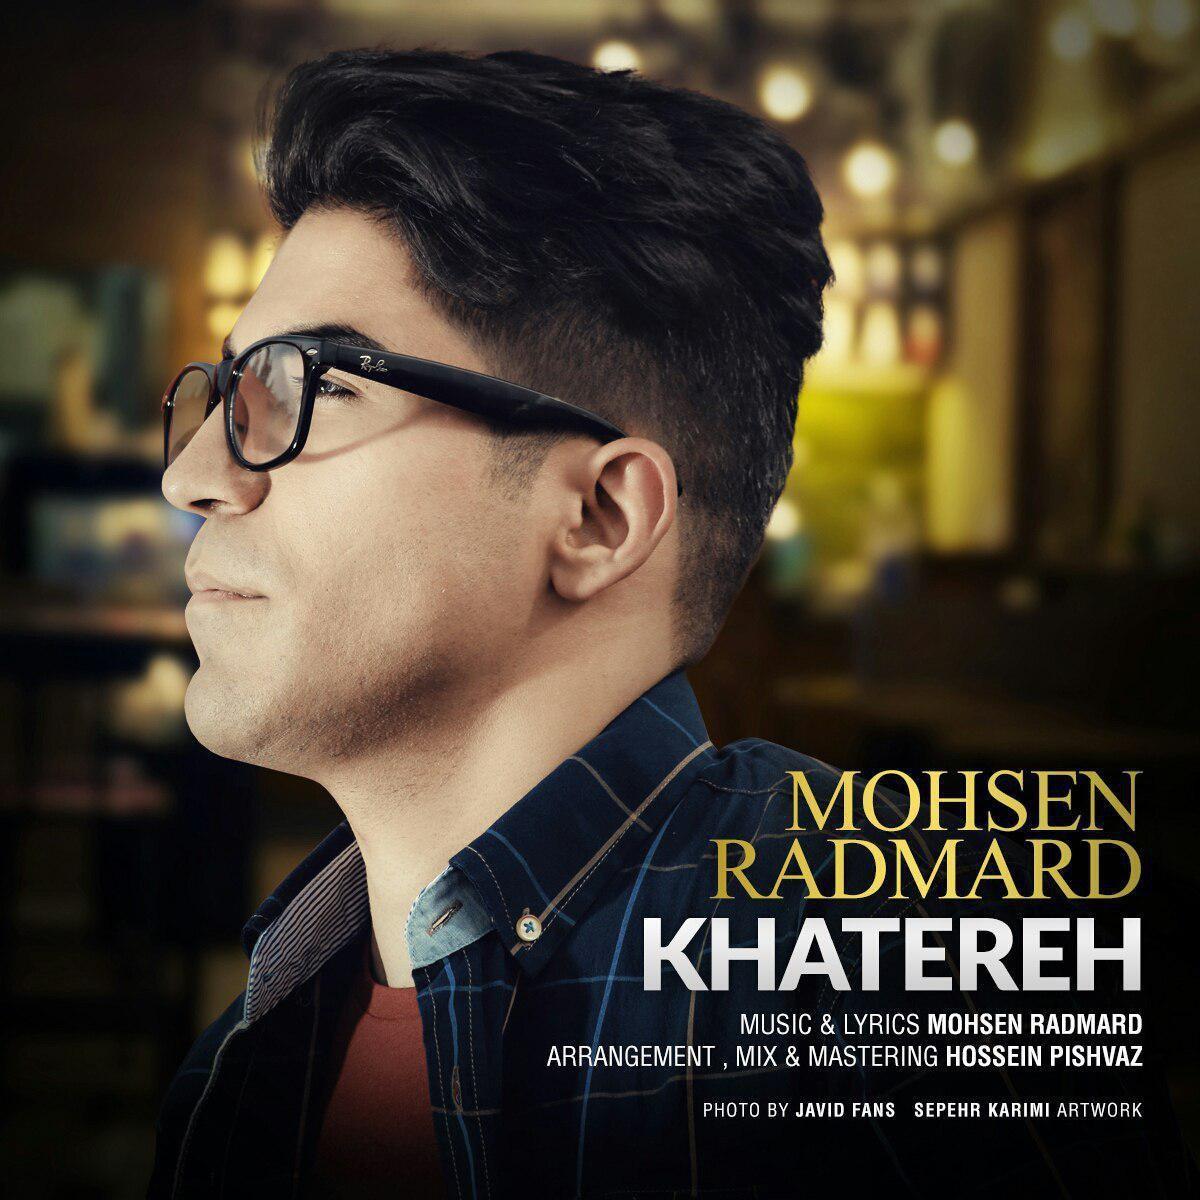 نامبر وان موزیک | دانلود آهنگ جدید Mohsen-Radmard-Khatereh